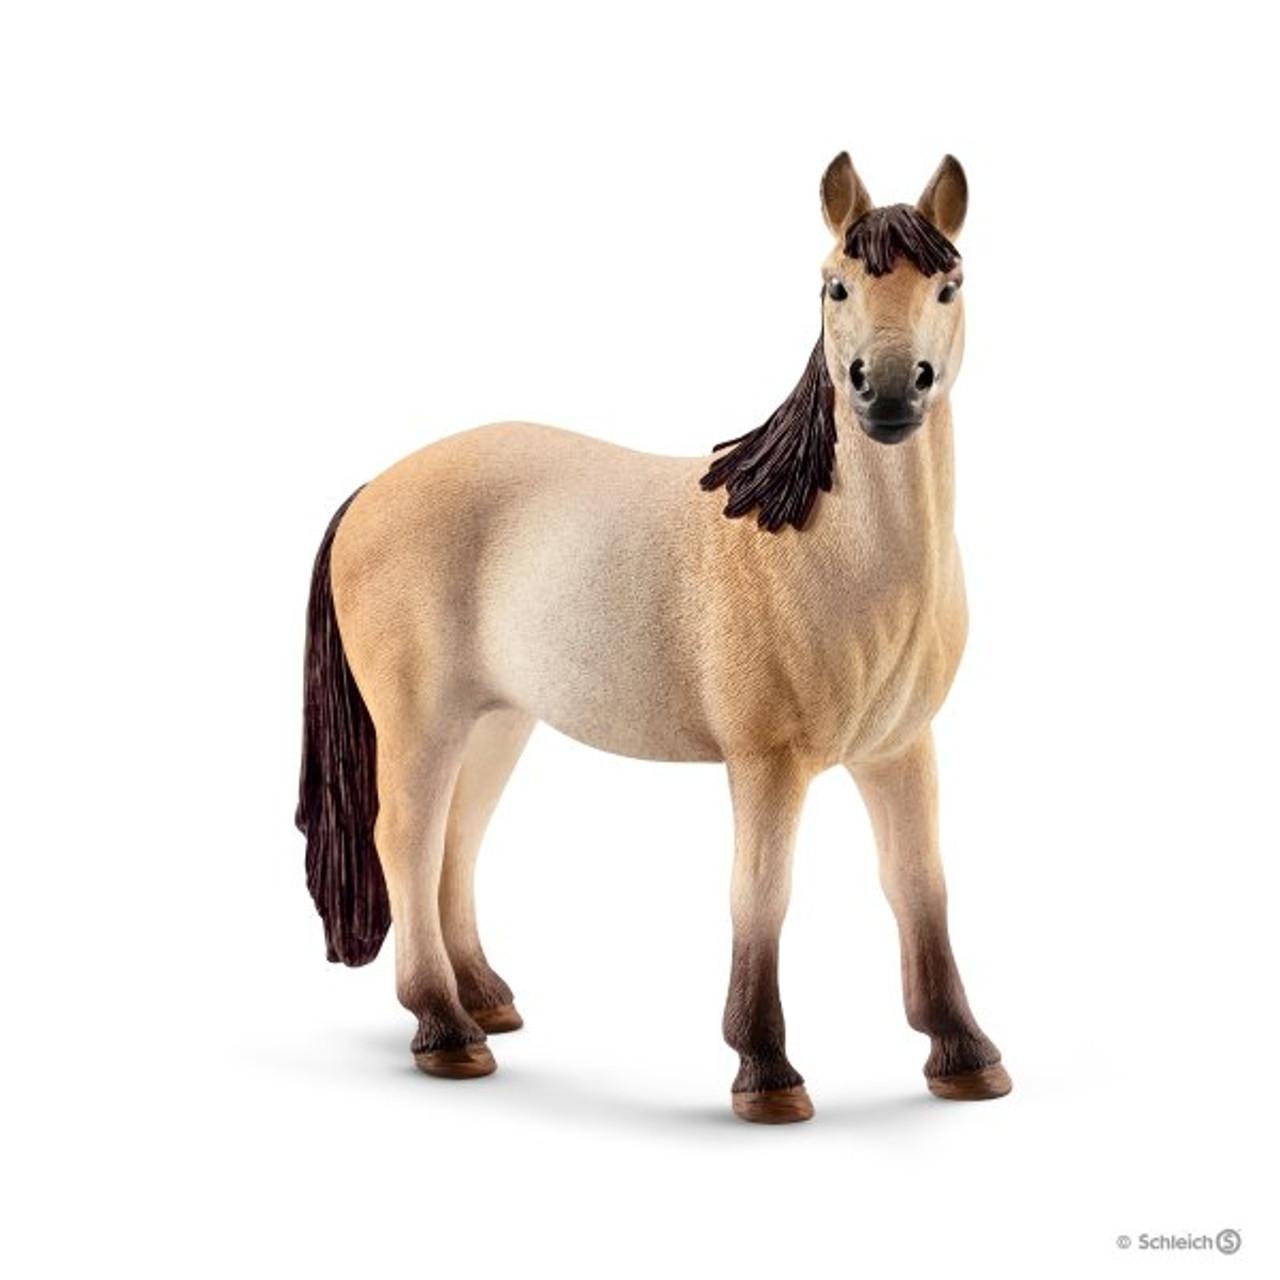 Mustang stallion 13805 Schleich horse